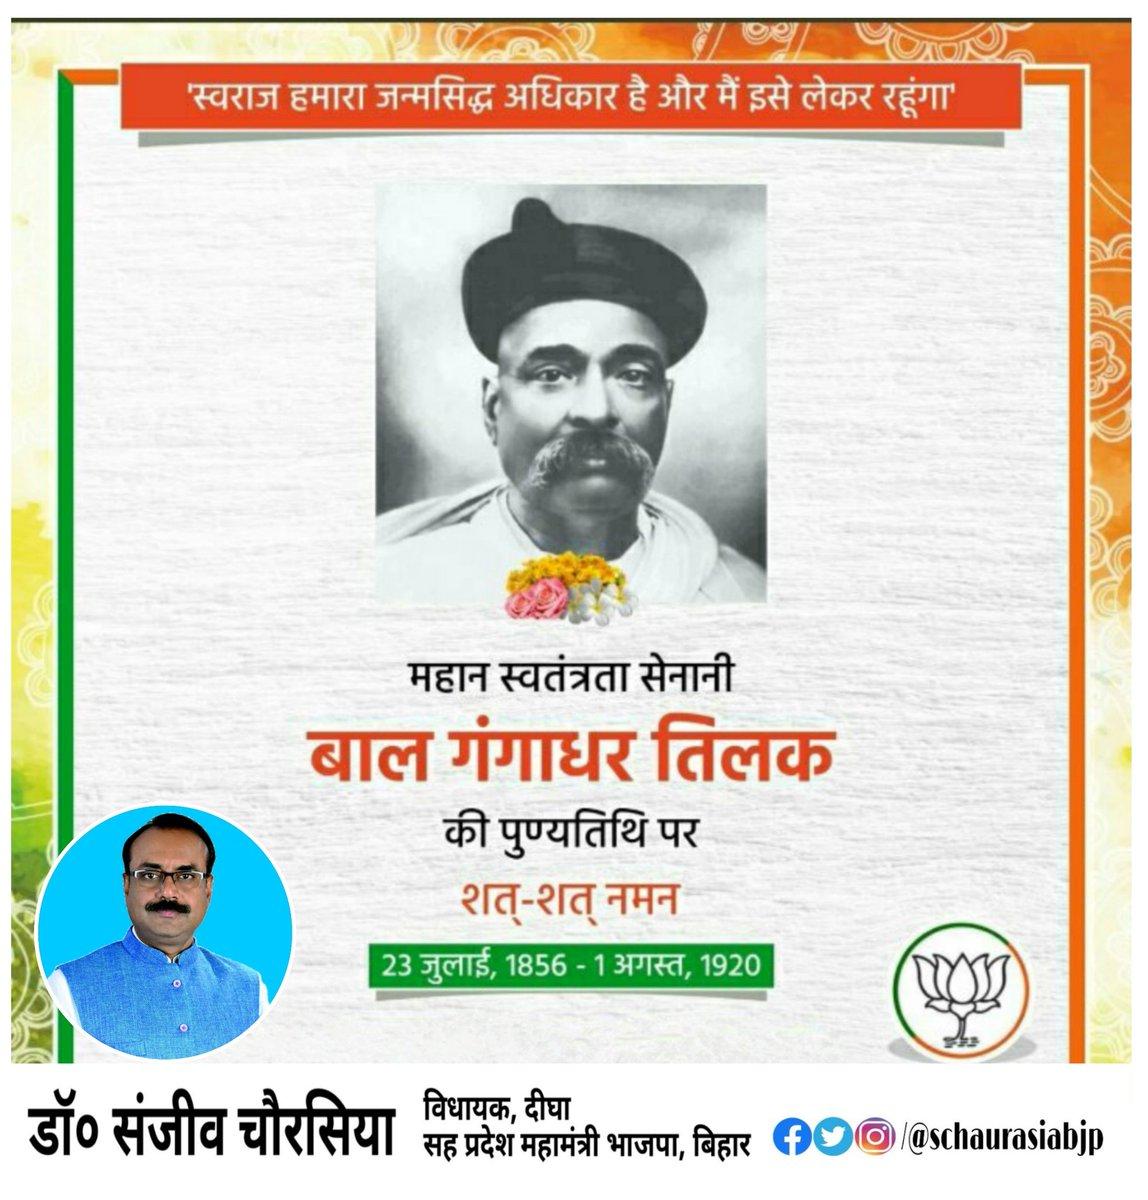 महान समाज सुधारक, स्वतन्त्रता सेनानी और भारतीय स्वतन्त्रता संग्राम के लोकप्रिय नेता जिन्होंने सबसे पहले ब्रिटिश राज के दौरान पूर्ण स्वराज की माँग उठाई थी।   #लोकमान्य_बाल_गंगाधर_तिलक जी की #पुण्यतिथि पर भावभीनी विनम्र श्रद्धांजलि! @BJP4India @BJP4Bihar